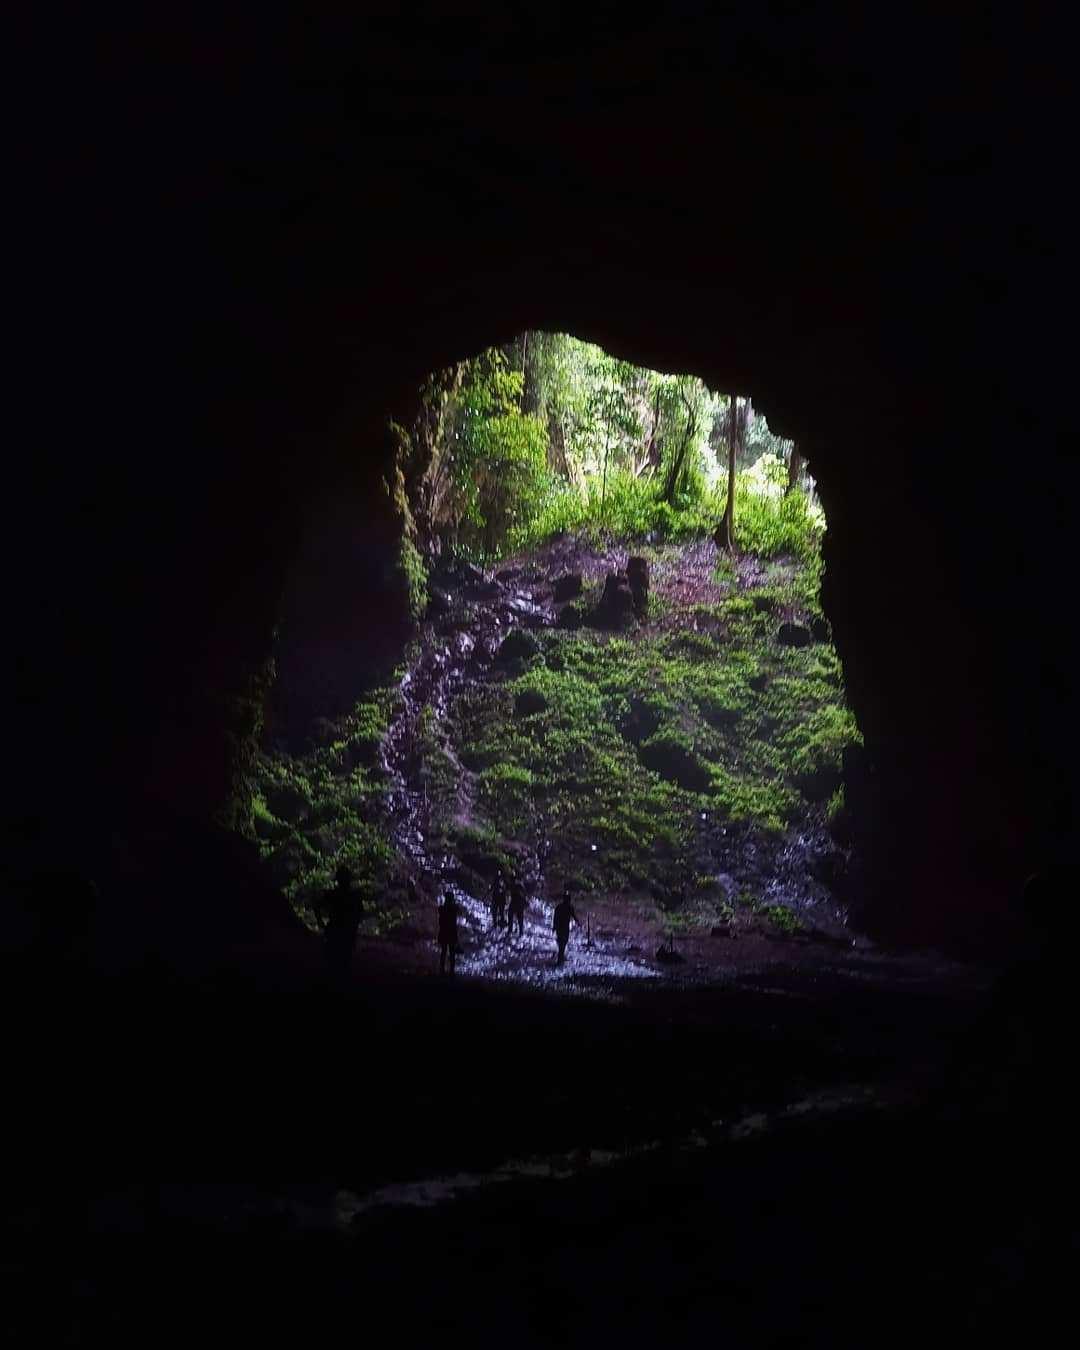 Suasana Lorong Masuk Goa Jomblang di Lihat Dari Dalam, Image From @quintanabilla